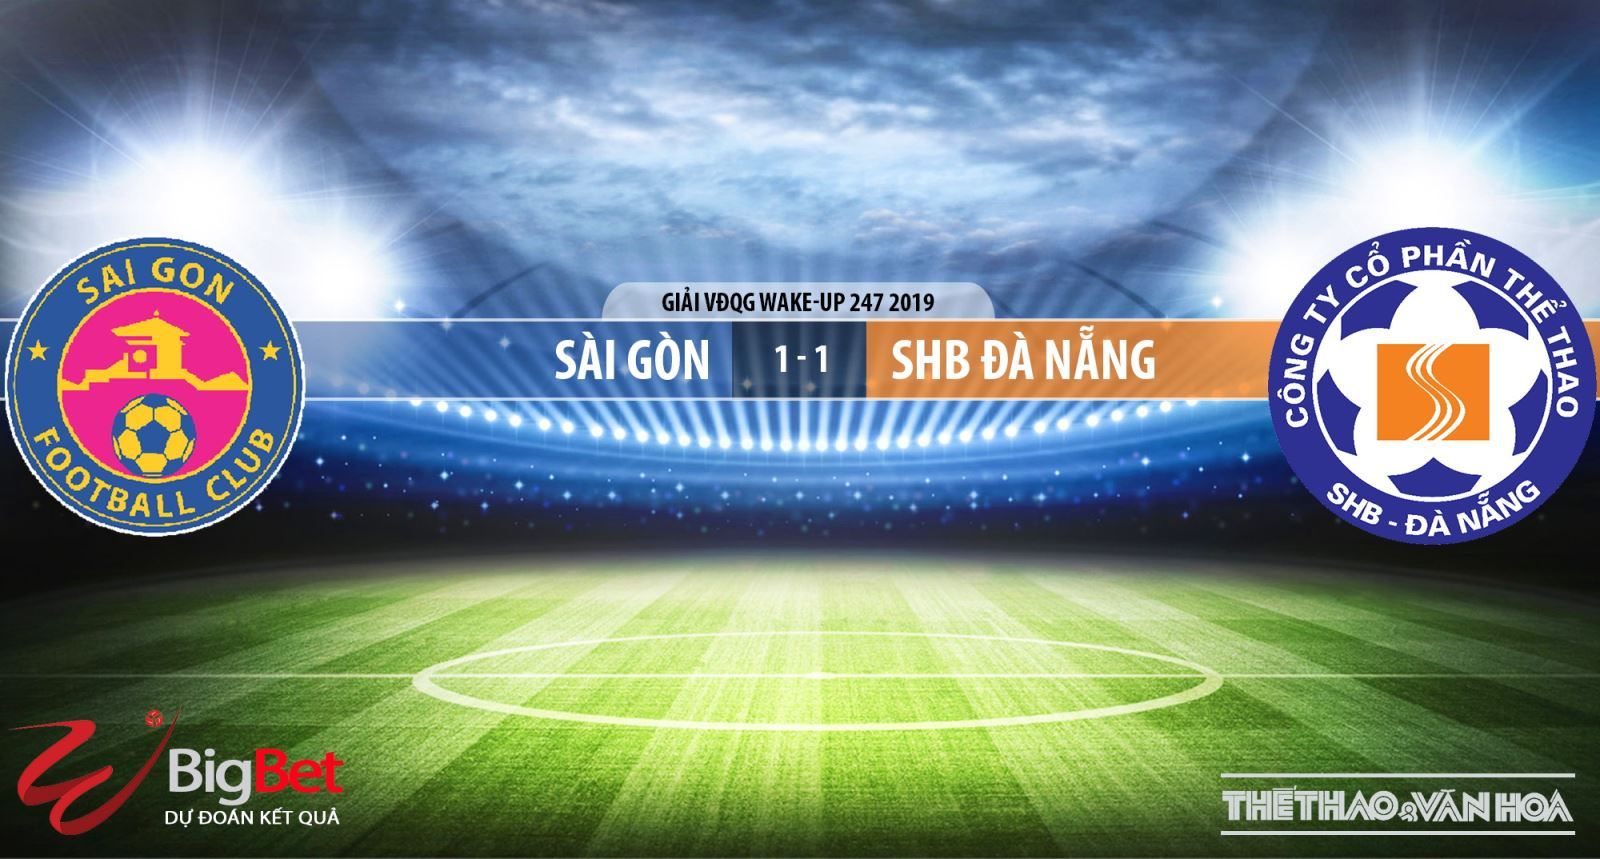 Sài Gòn vsSHB Đà Nẵng, trực tiếp bóng đá, soi kèo Sài Gòn vsSHB Đà Nẵng, nhận định Sài Gòn vsSHB Đà Nẵng, V-League 2019, BĐTV, VTV6, FPT Play